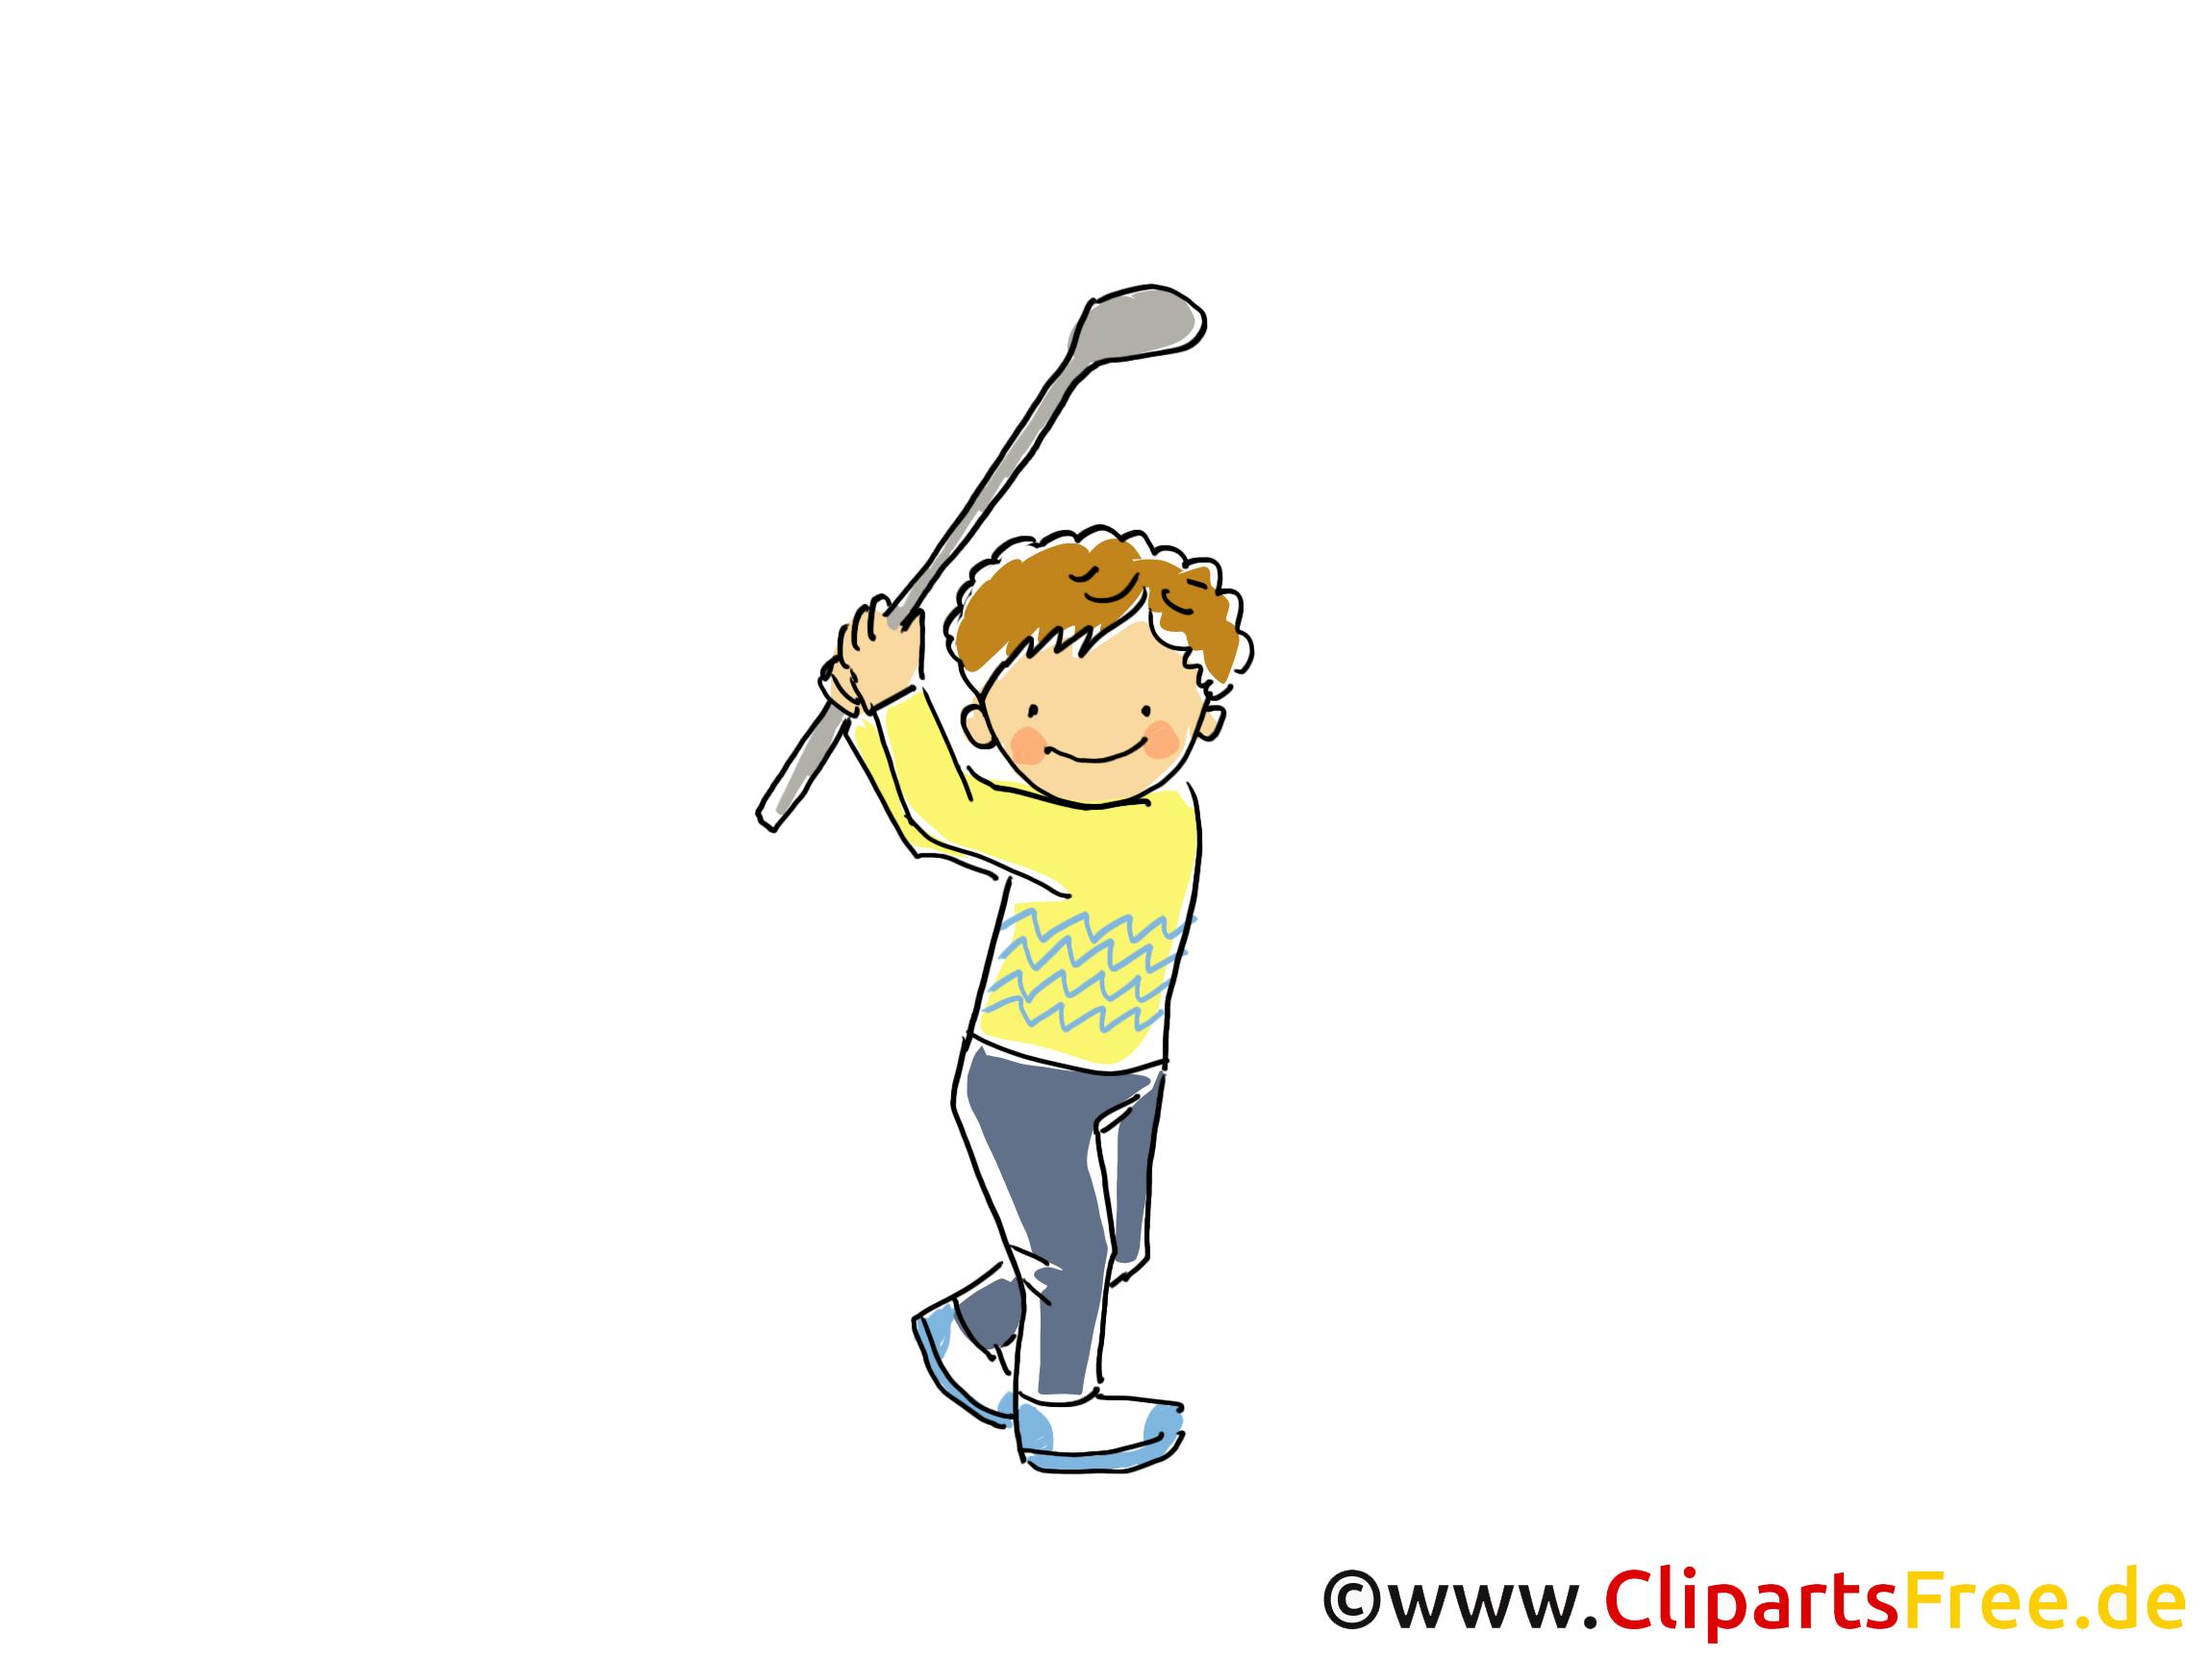 Cricketafbeelding, Sport Cliparts, Strip, Cartoon, Afbeelding gratis